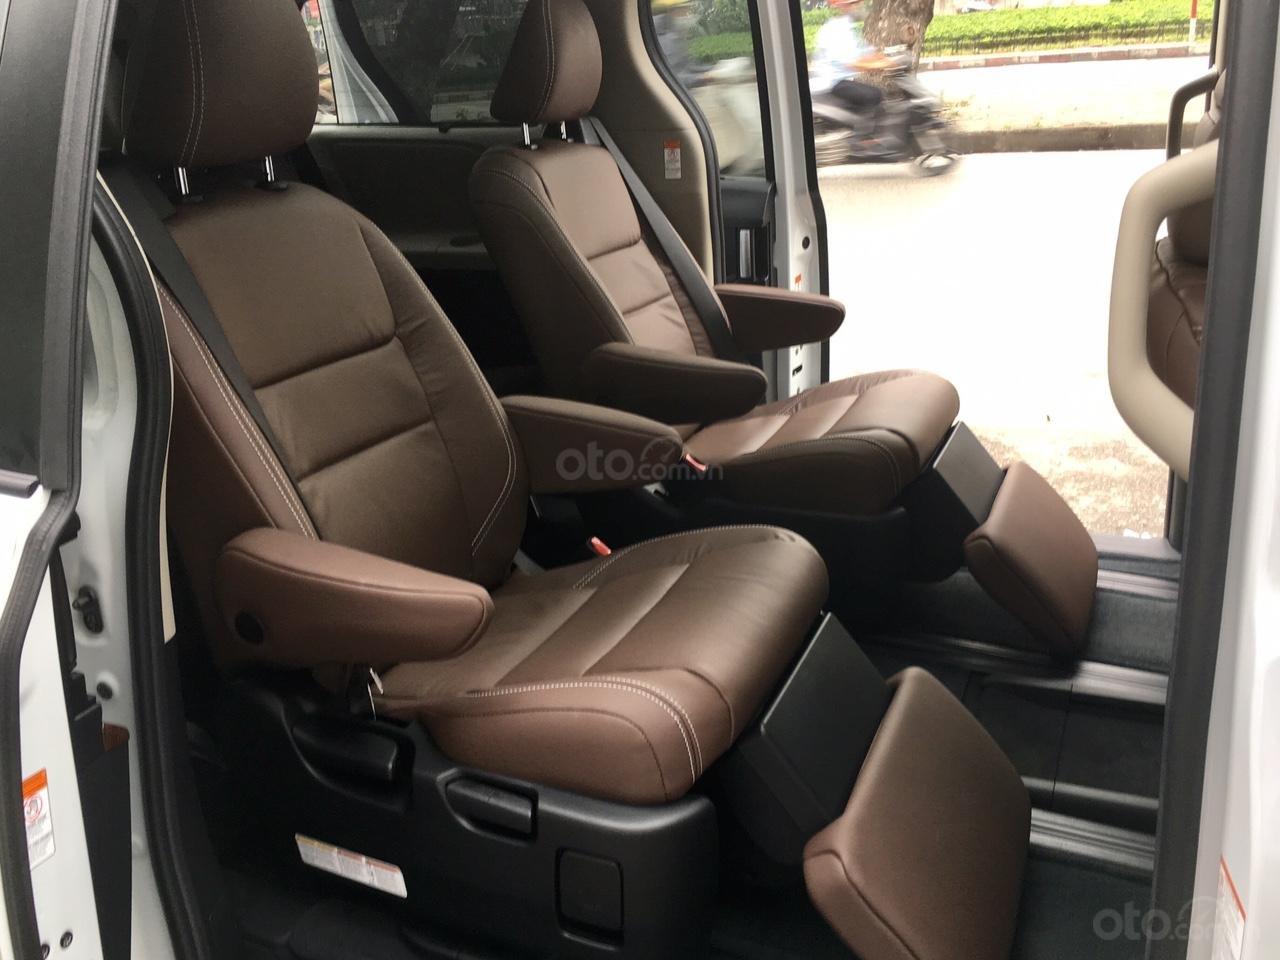 Bán Toyota Sienna Limited 1 cầu 2019, nhập Mỹ đủ màu, Lh 0945.39.2468 Ms Hương (8)